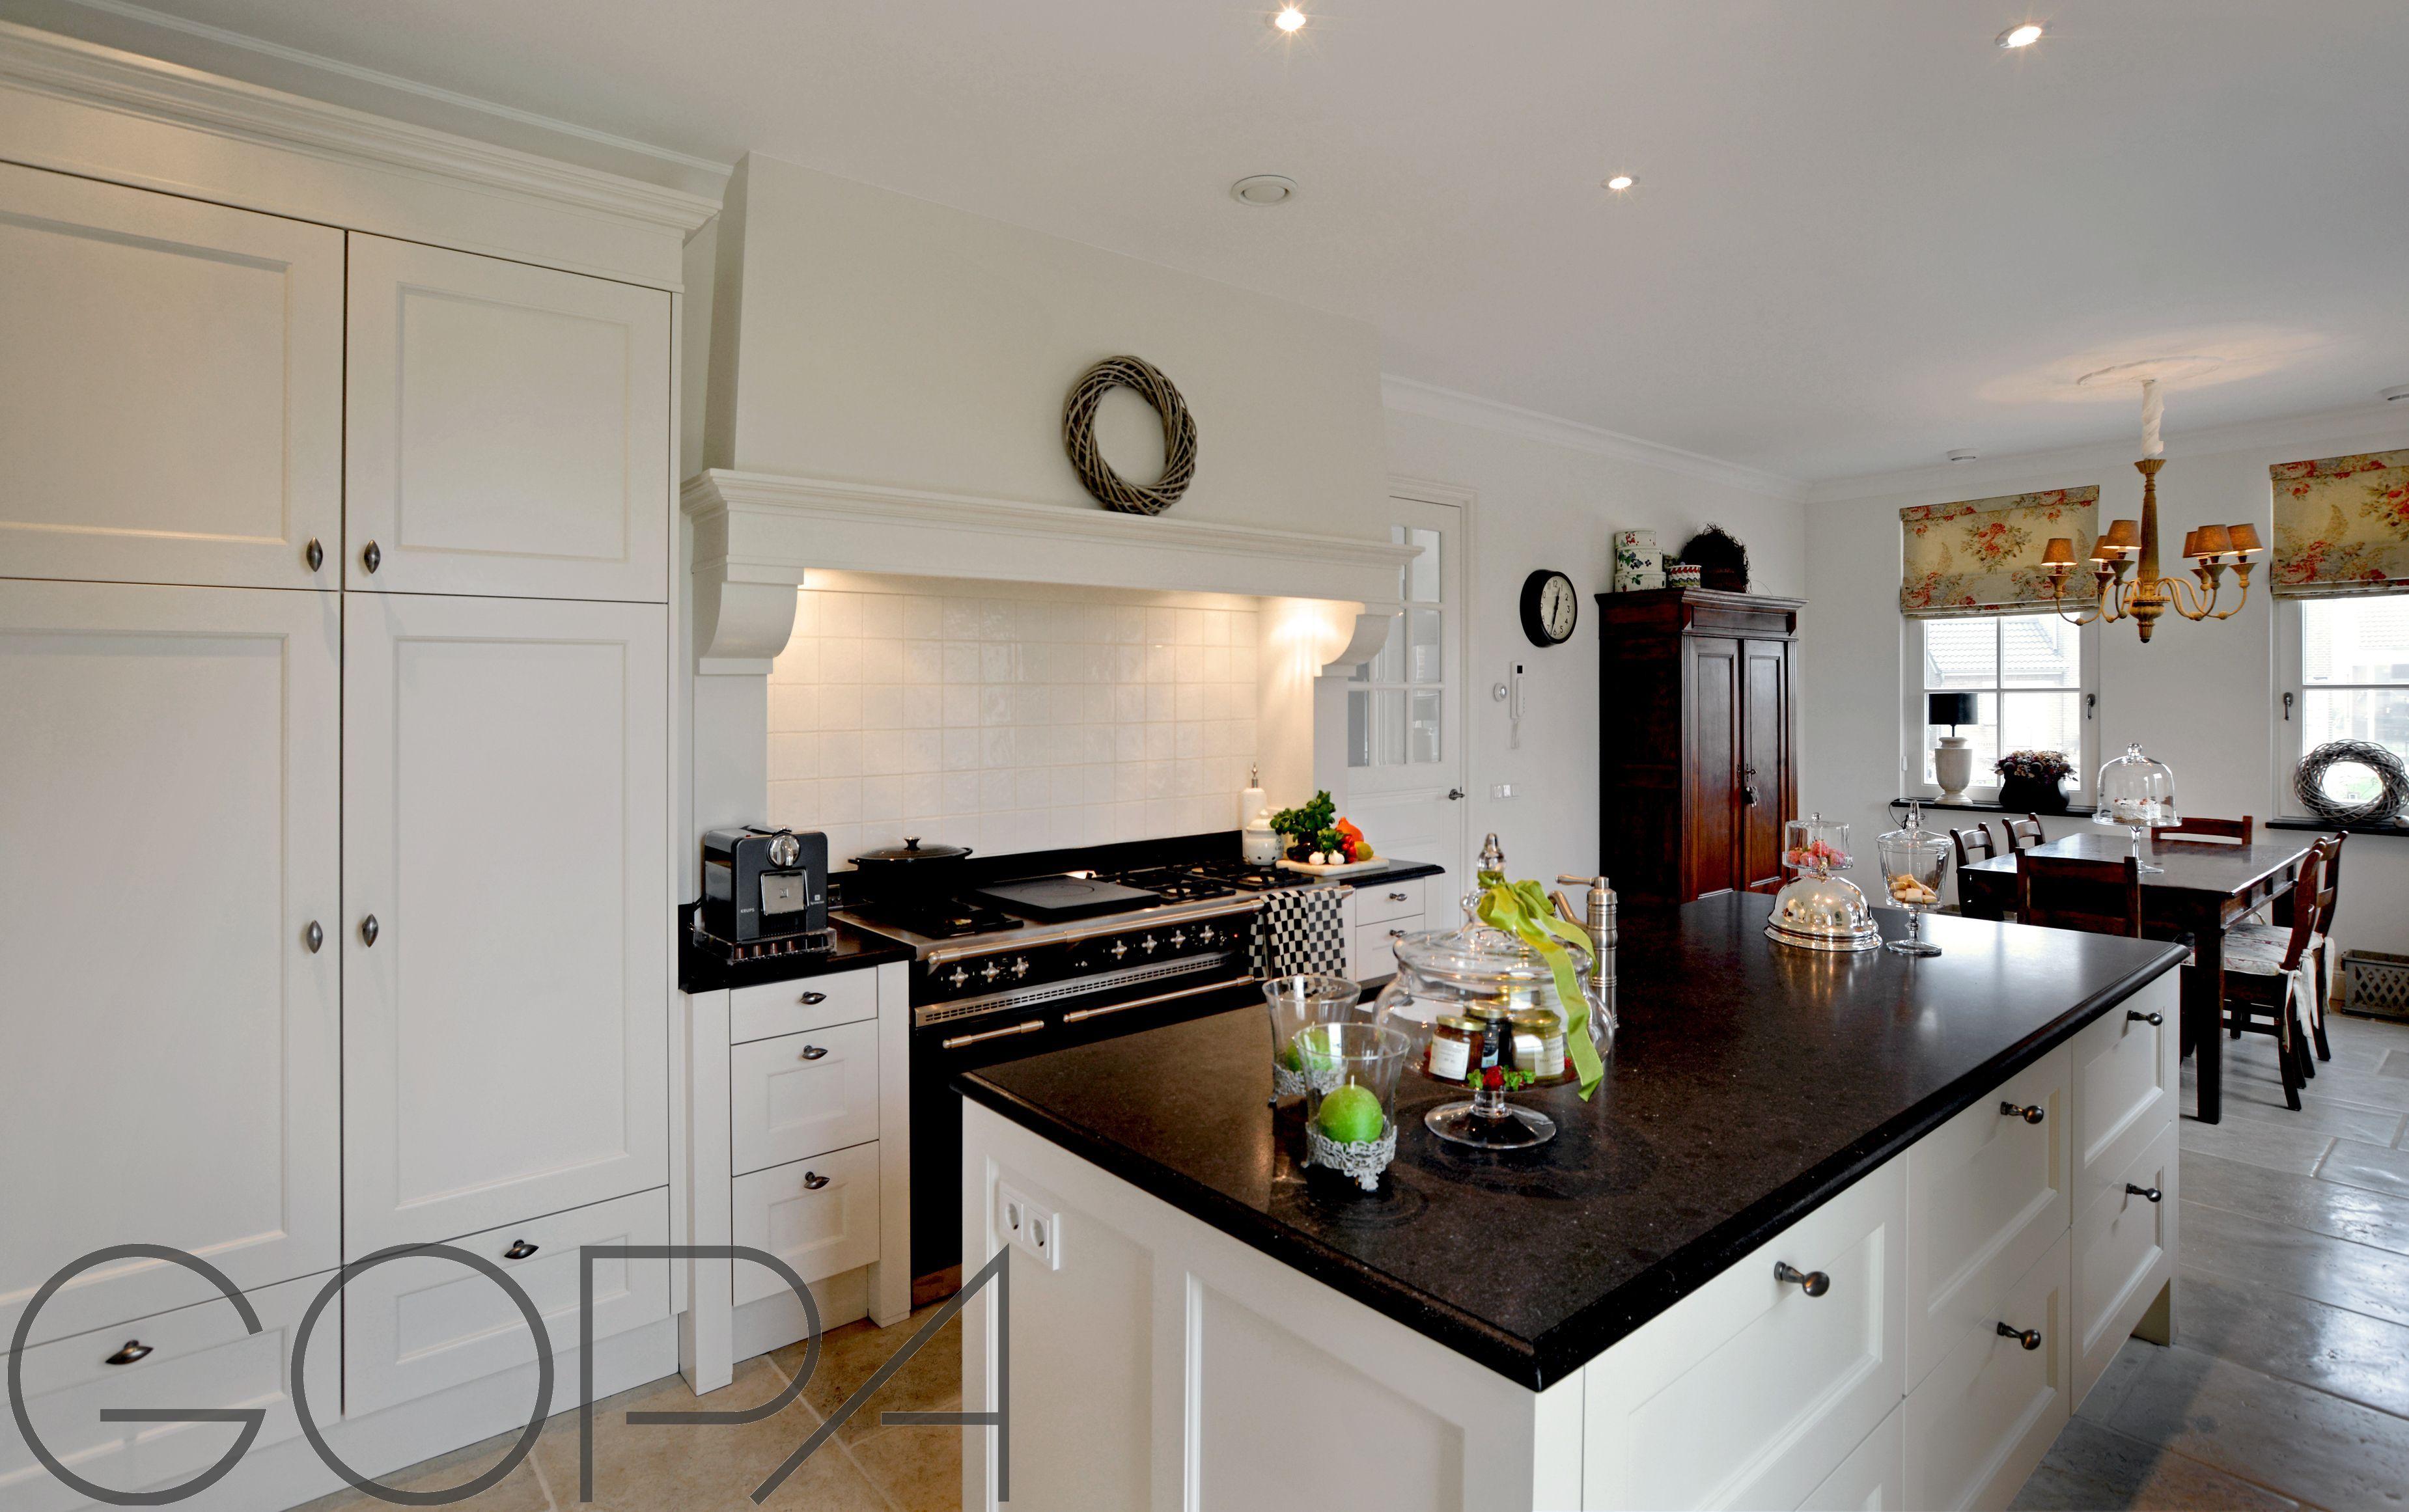 Landelijke lichte keuken met granieten werkblad in belgian blue landelijke keukens - Keuken met granieten werkblad ...